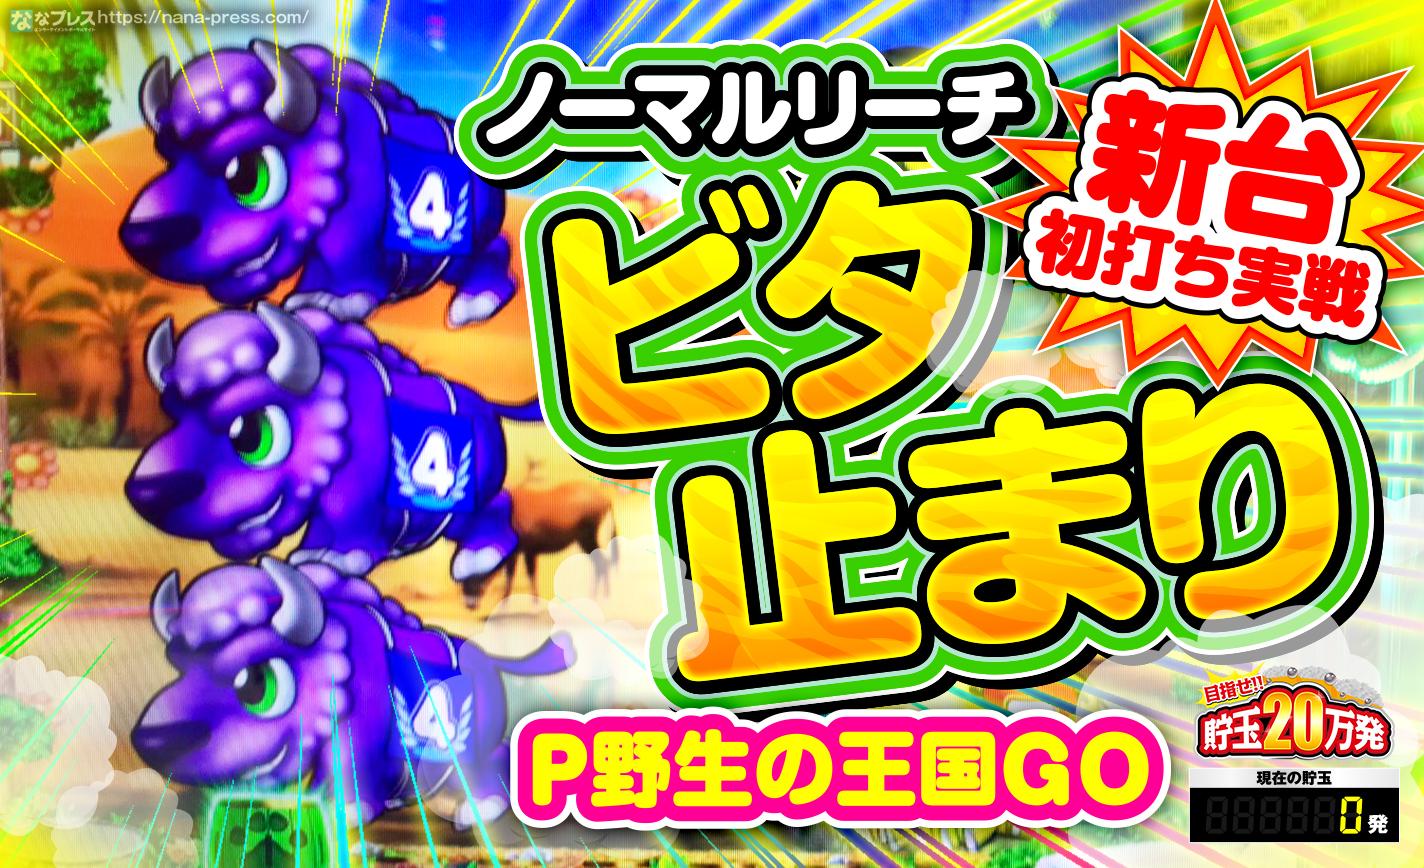 新台の野生の王国GOを打っていたはずが…いつの間にか乱れ打って大変なことに!? eyecatch-image